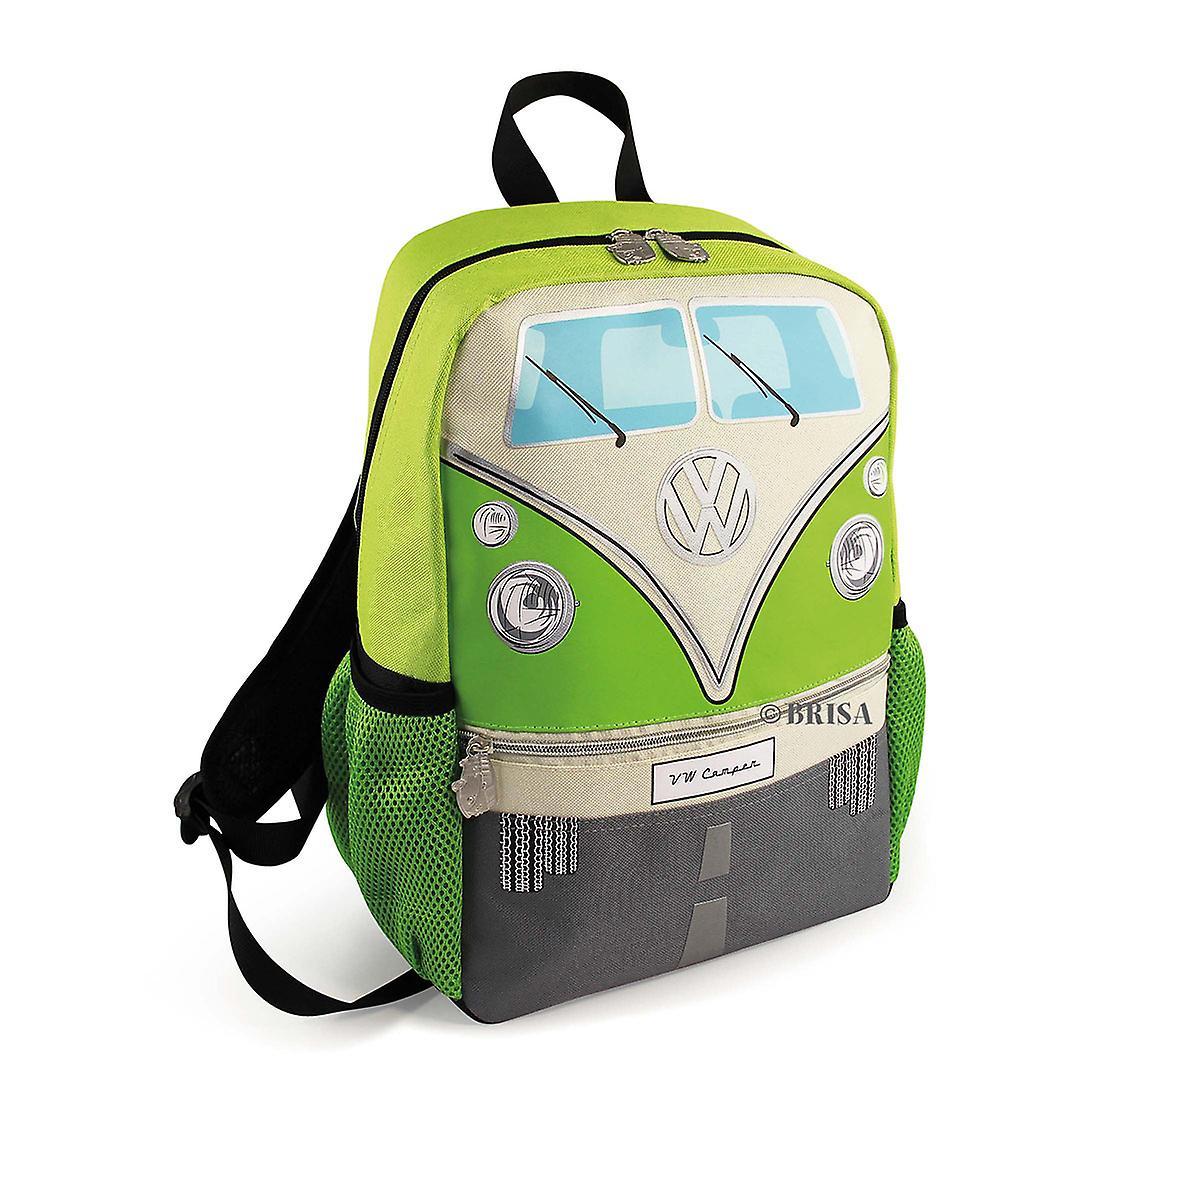 Officiella VW Camper Van barn skola ryggsäck väska - grön  f8bc6bf1e6512